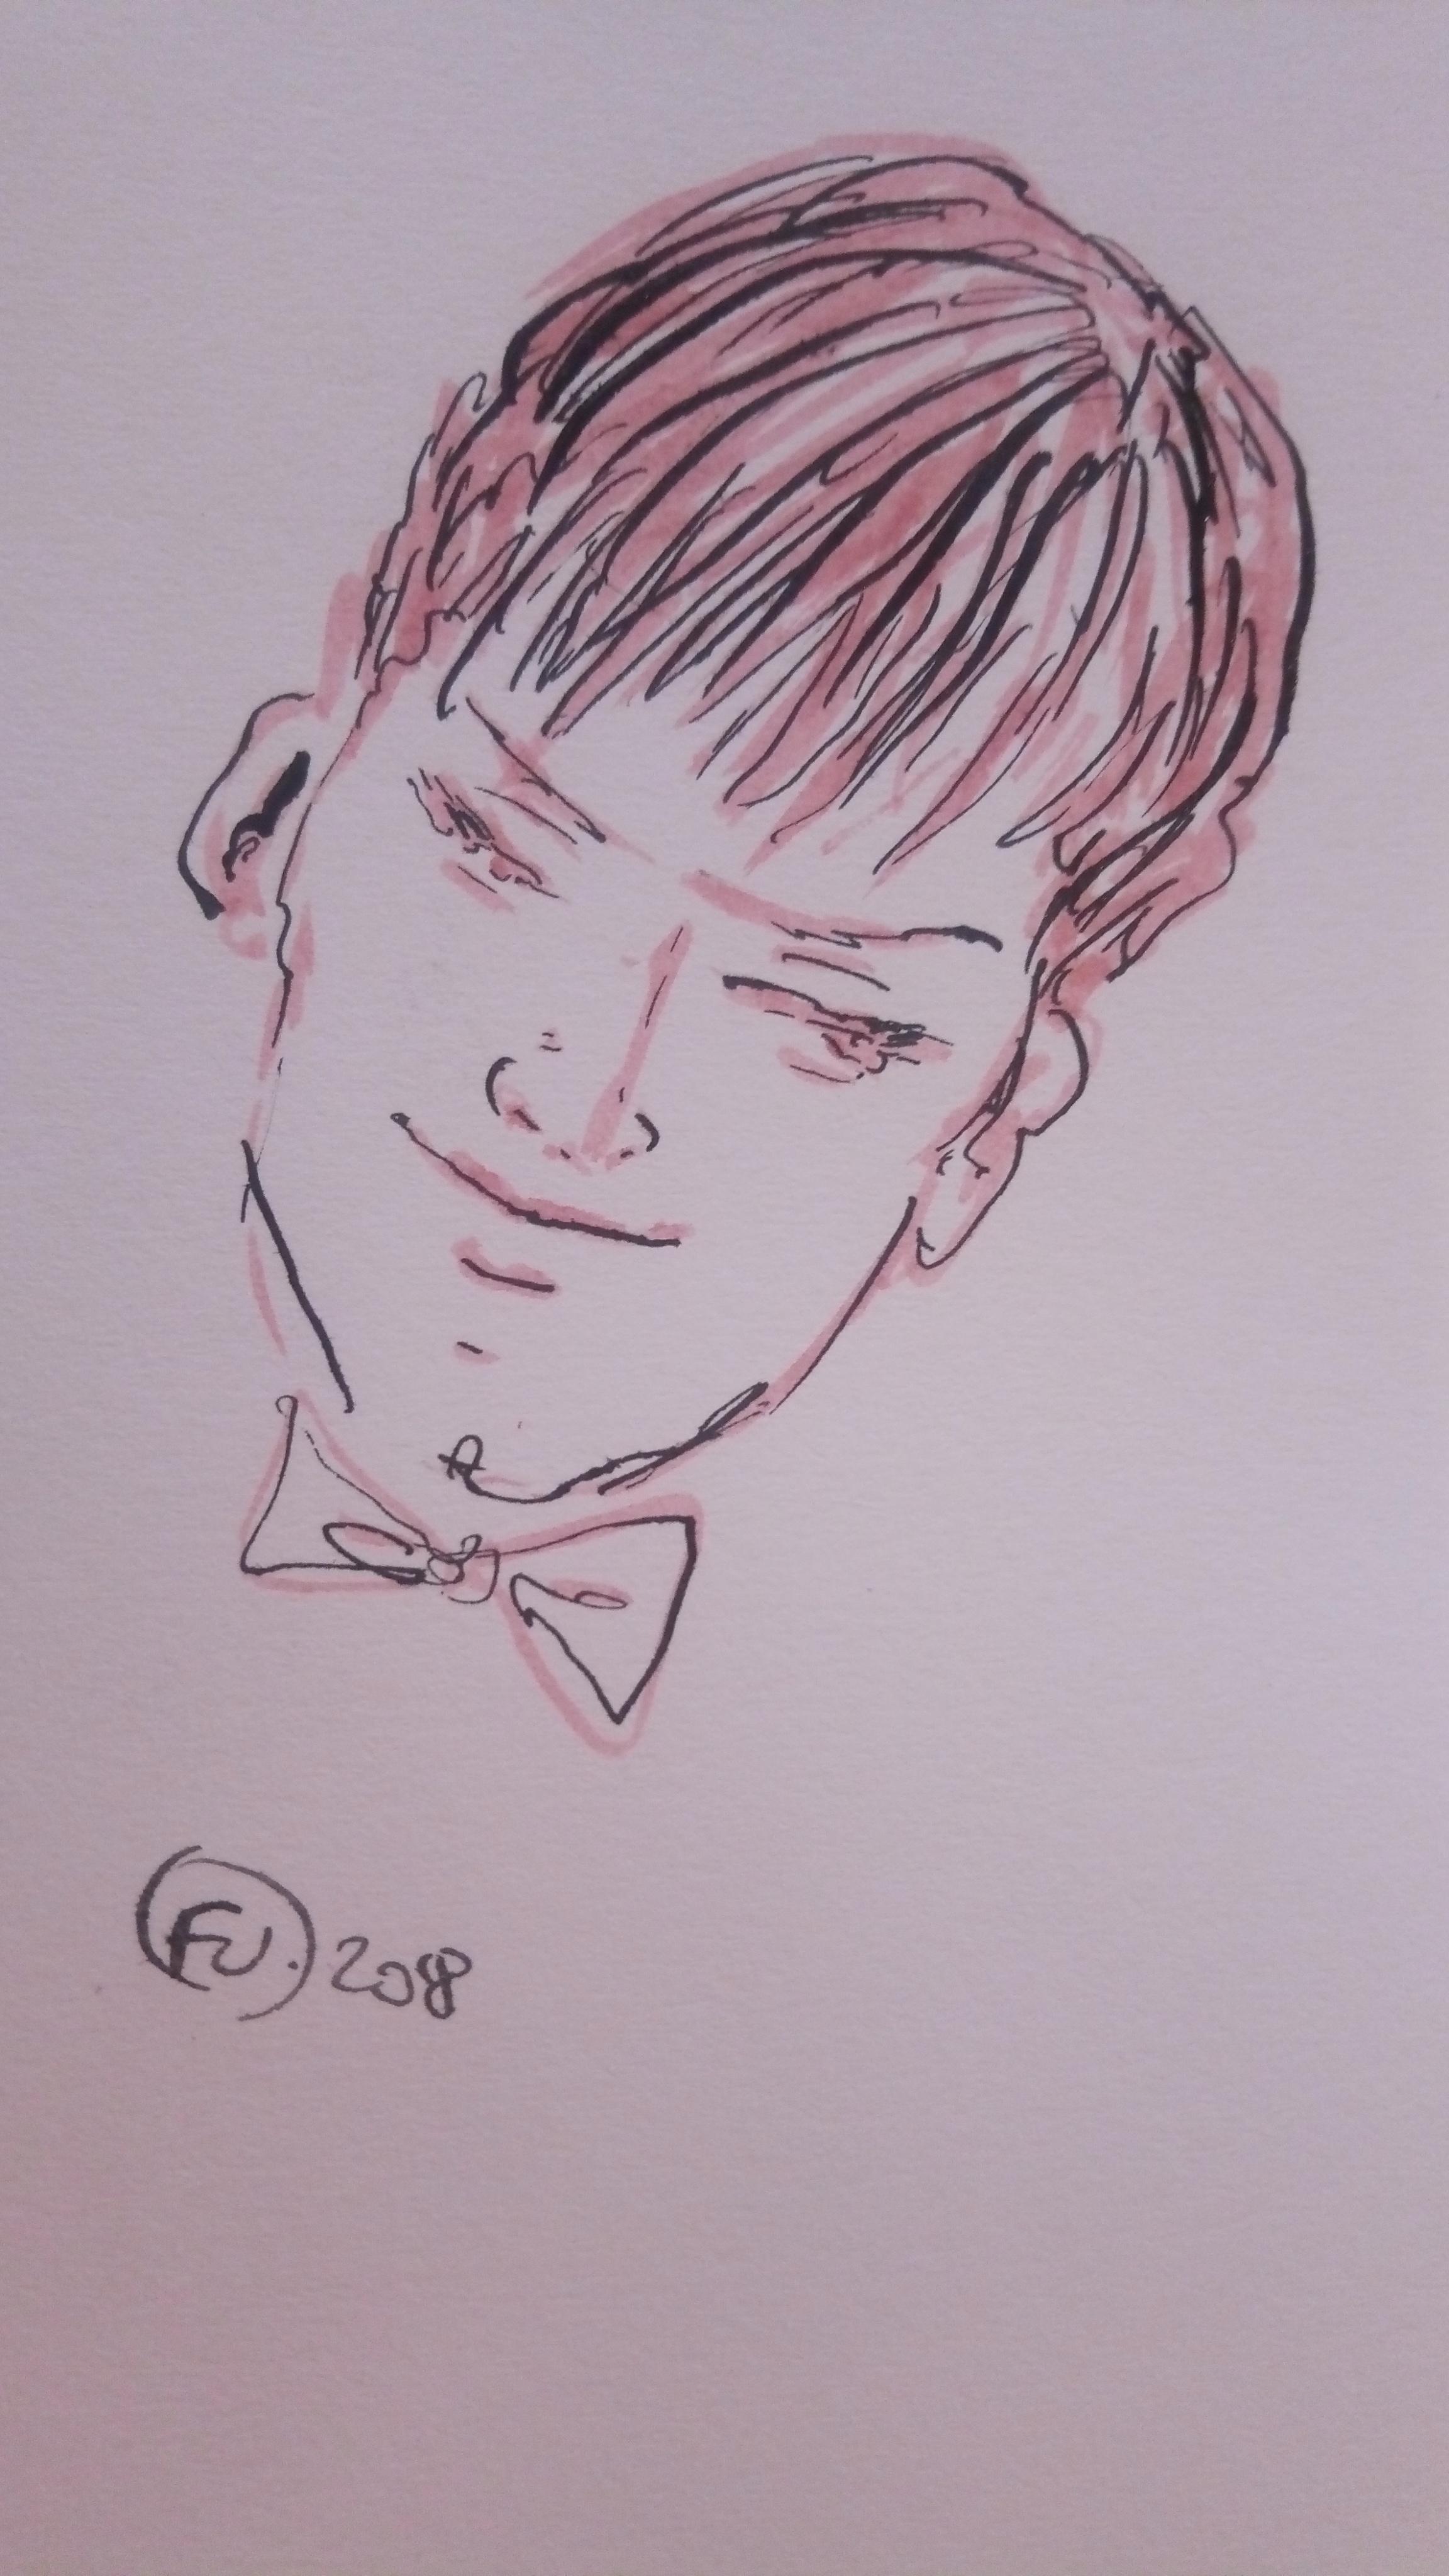 Sketch head of man FV